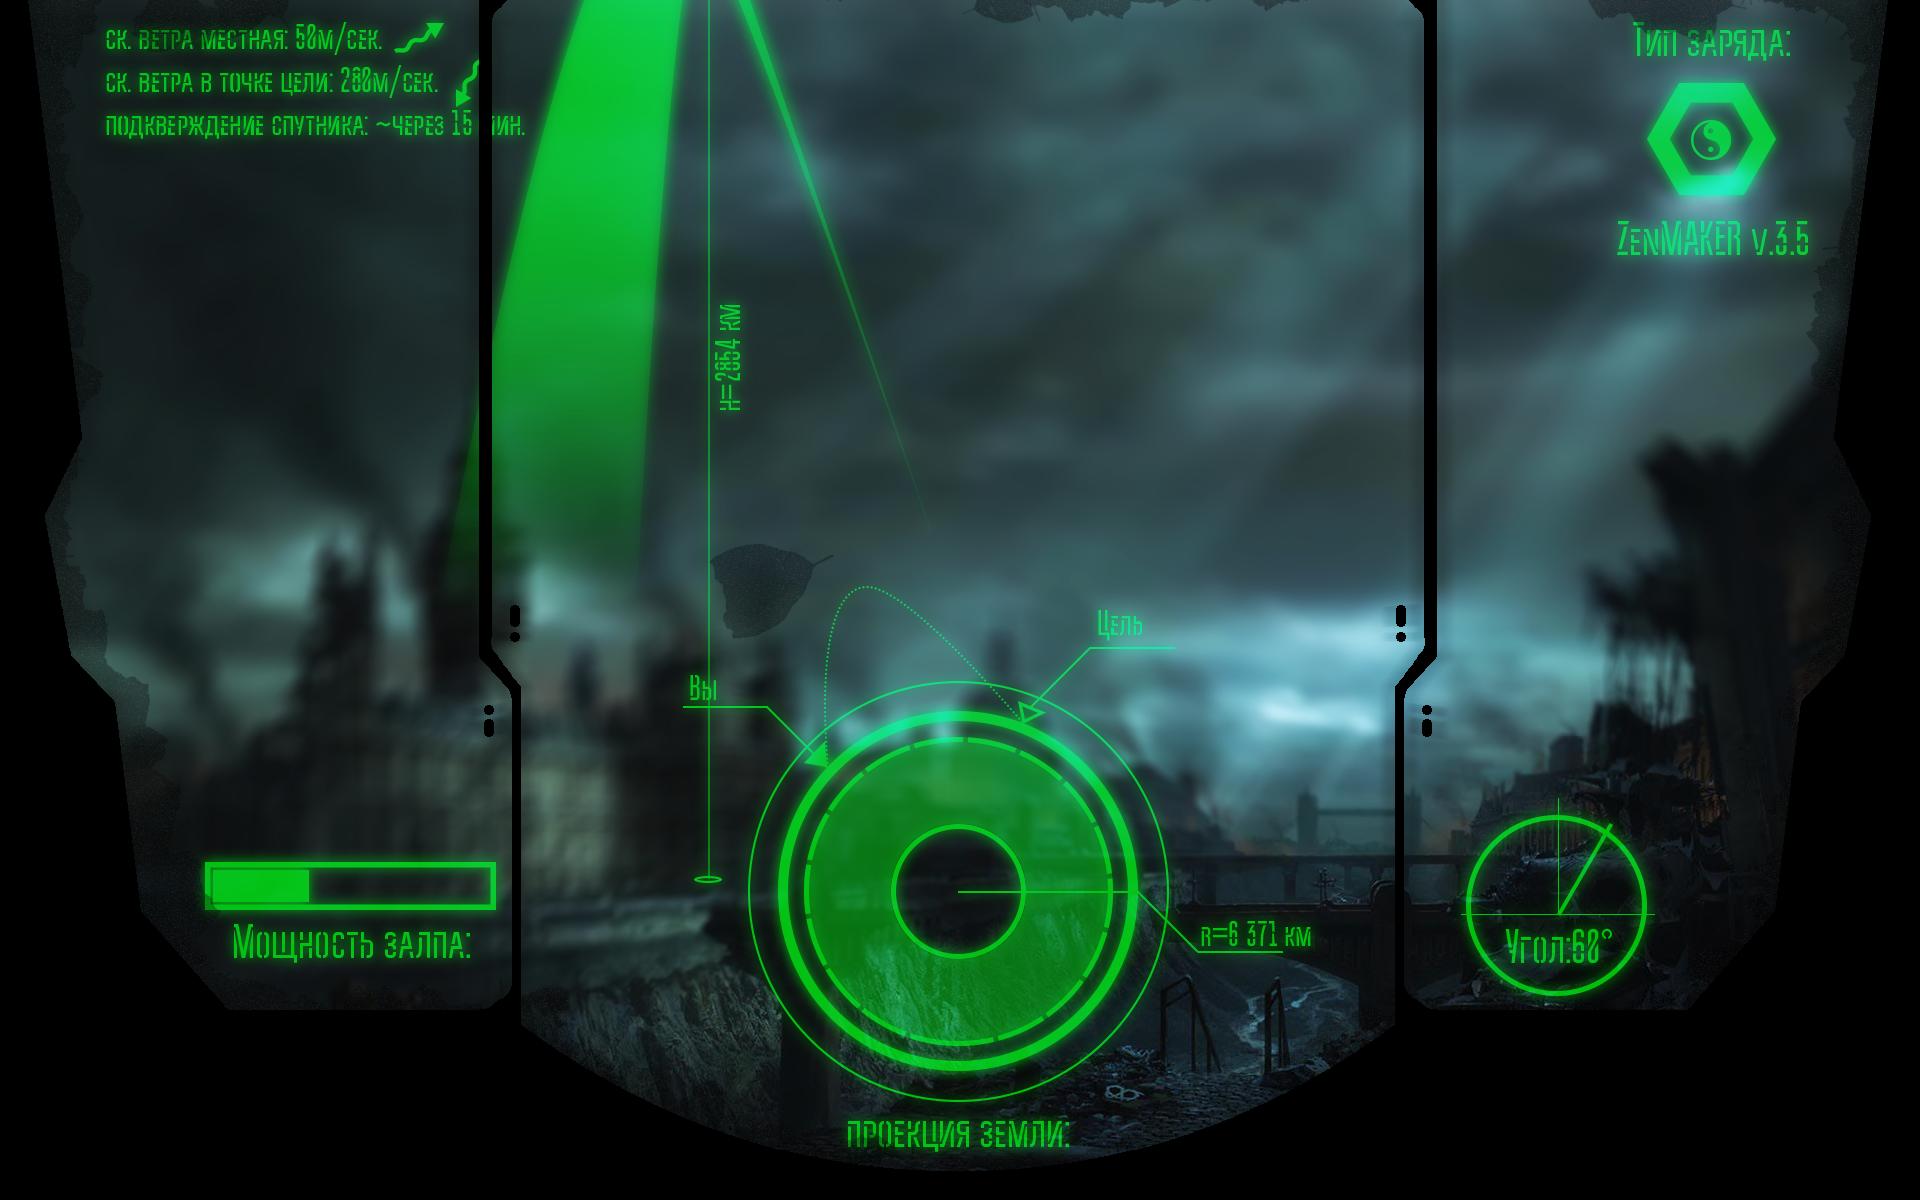 Итоги конкурса интерфейсов будущего - Изображение 10